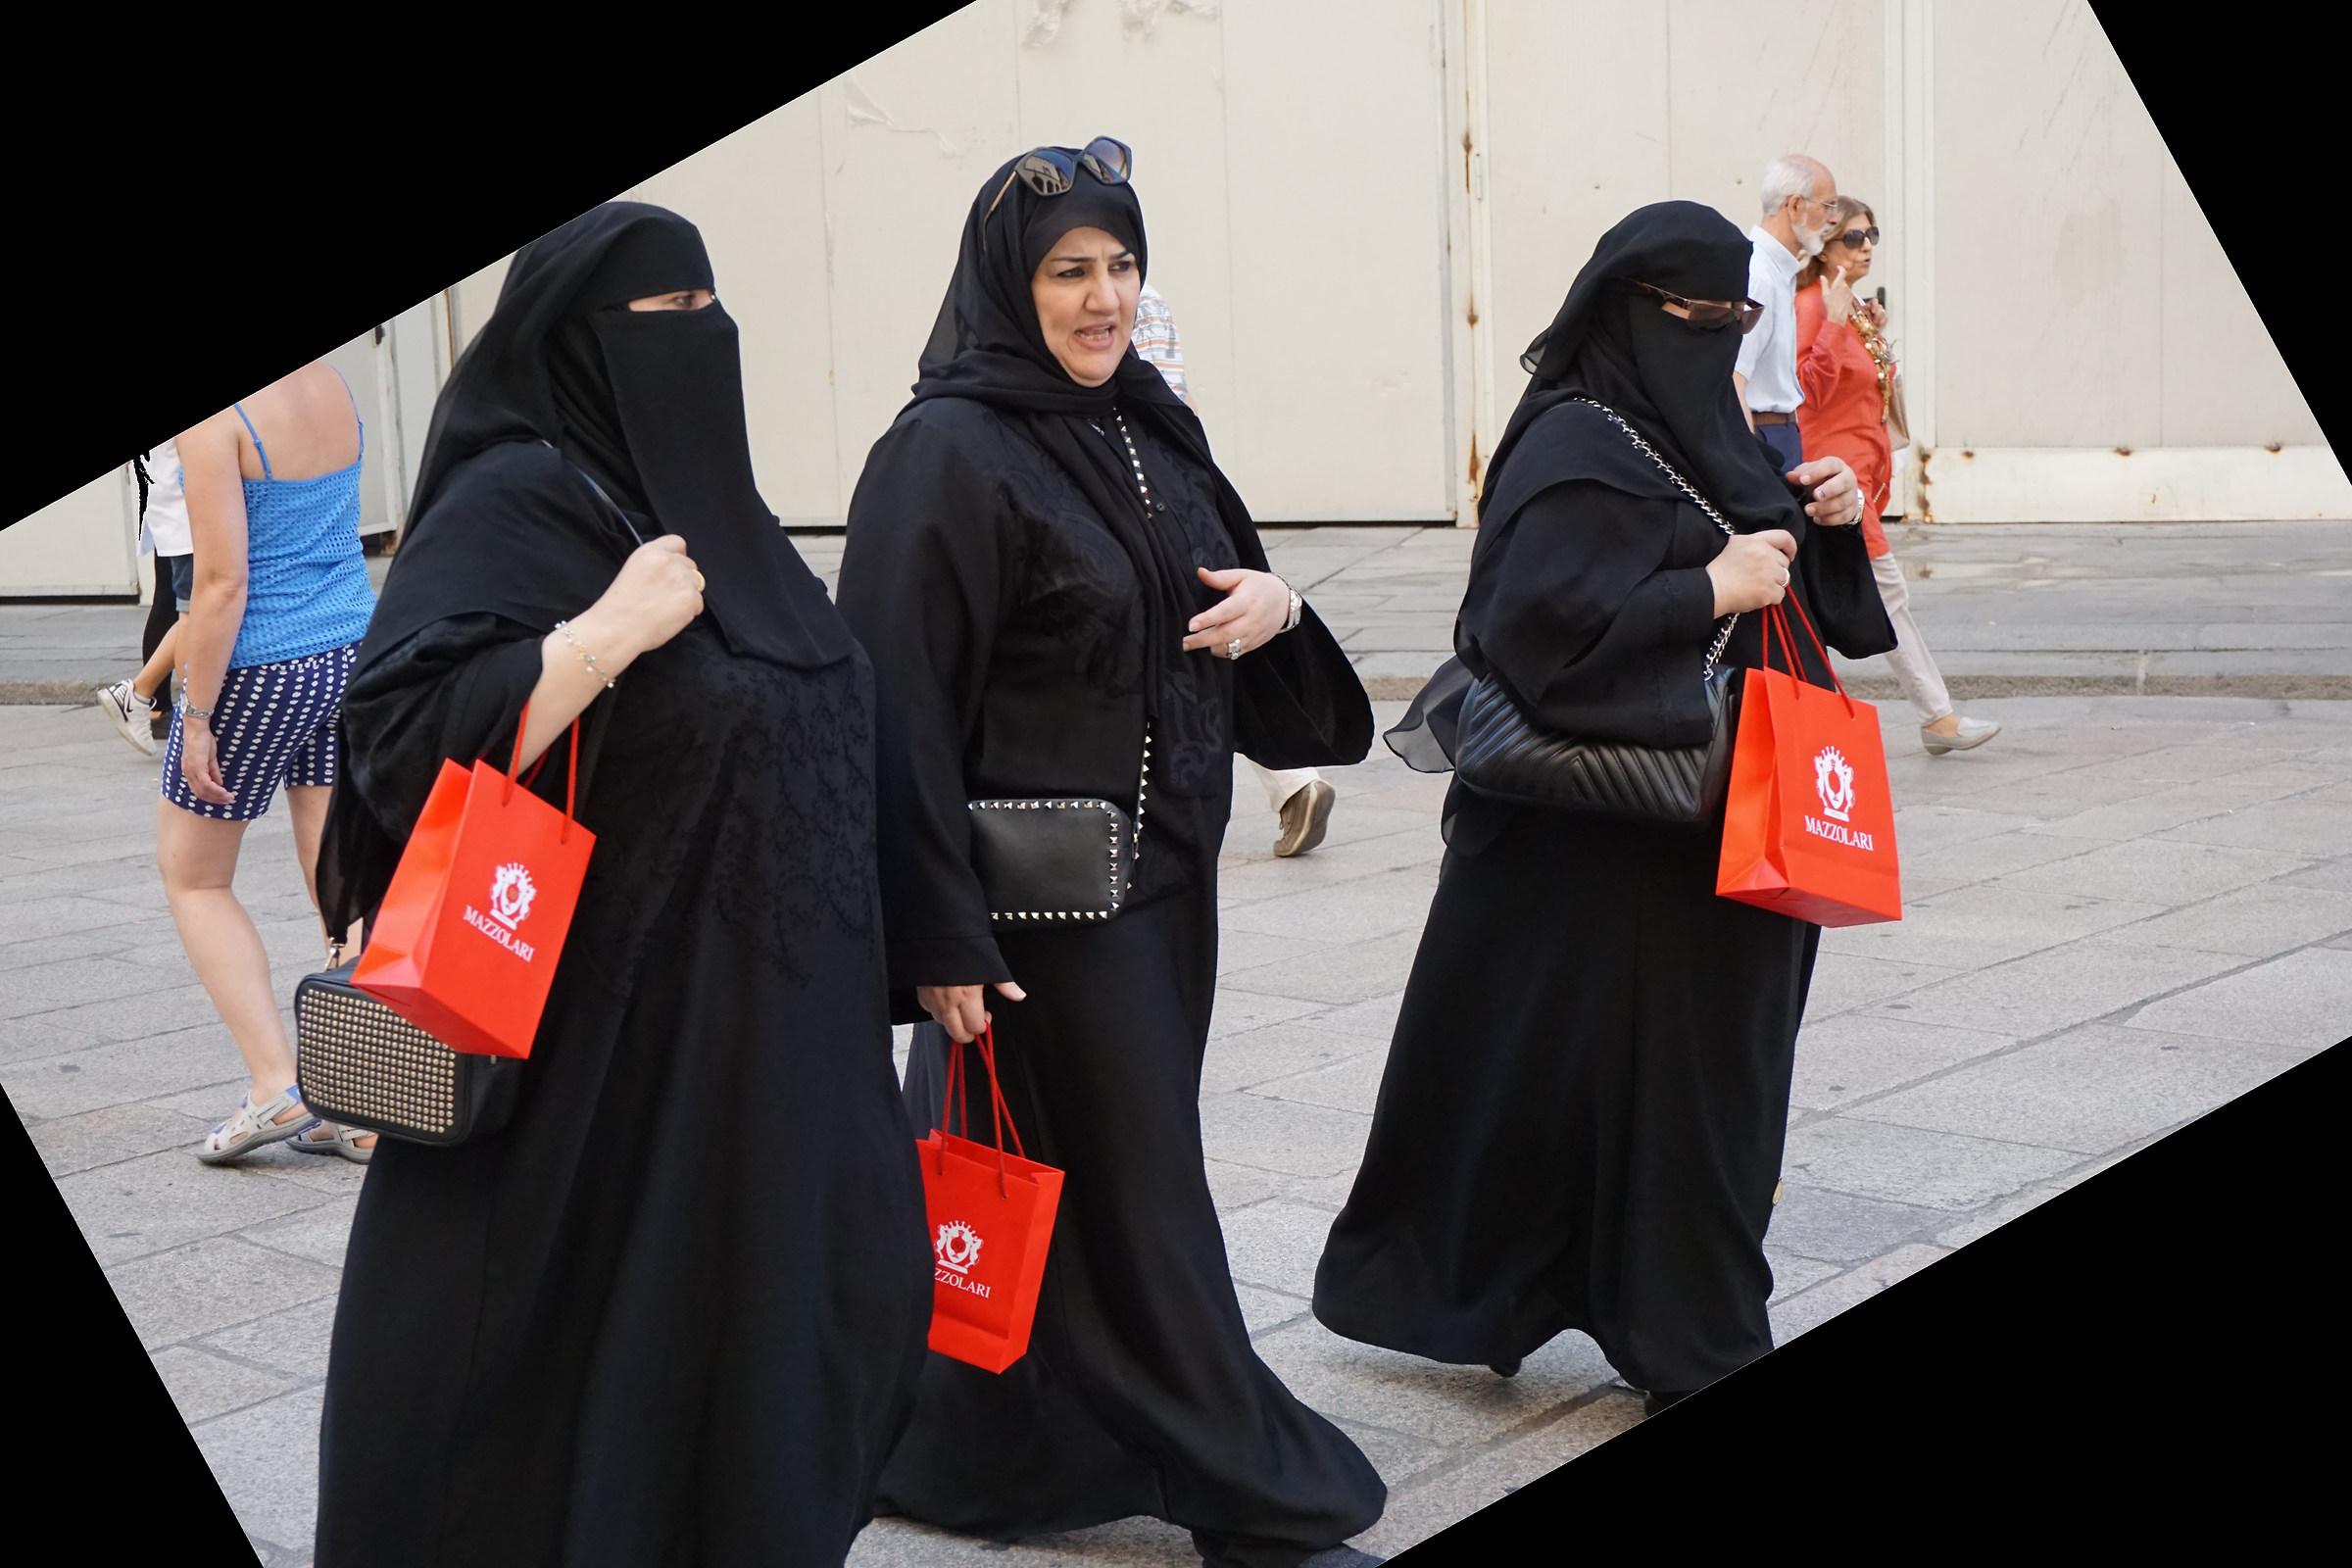 Hijabiste No. 7,8,9...